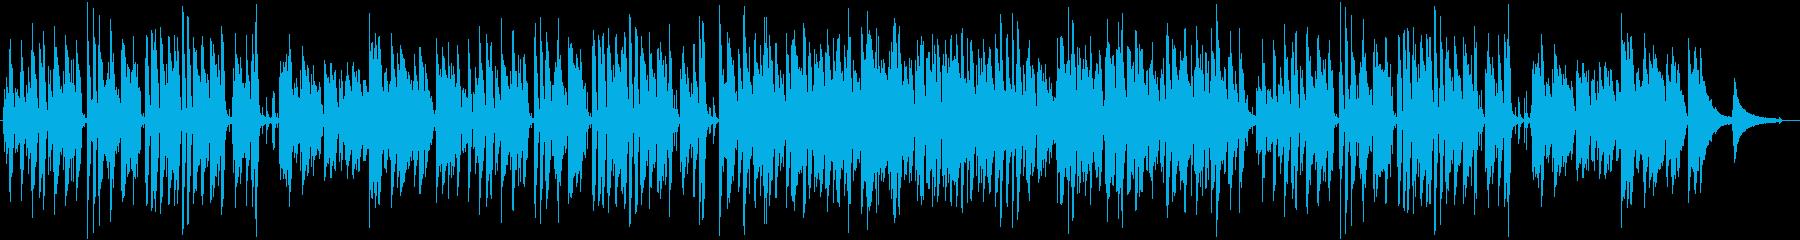 明るく軽快ジャズピアノトリオ ウキウキ感の再生済みの波形